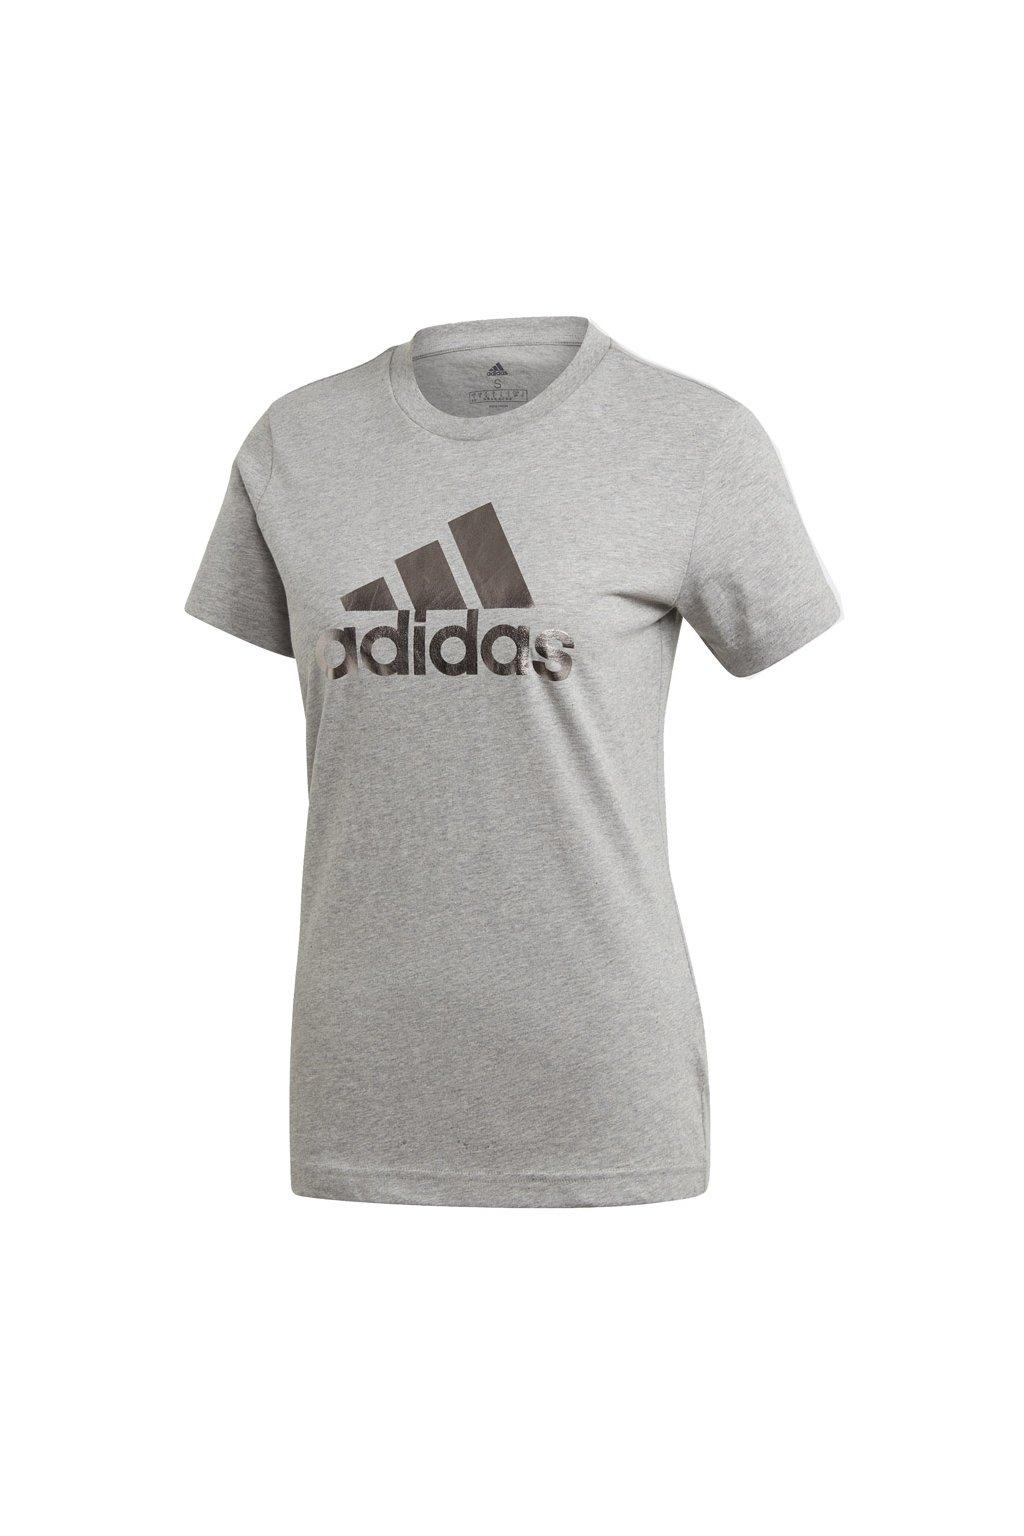 Dámske tričko Adidas UnivVol Tee 2 šedá GI4769